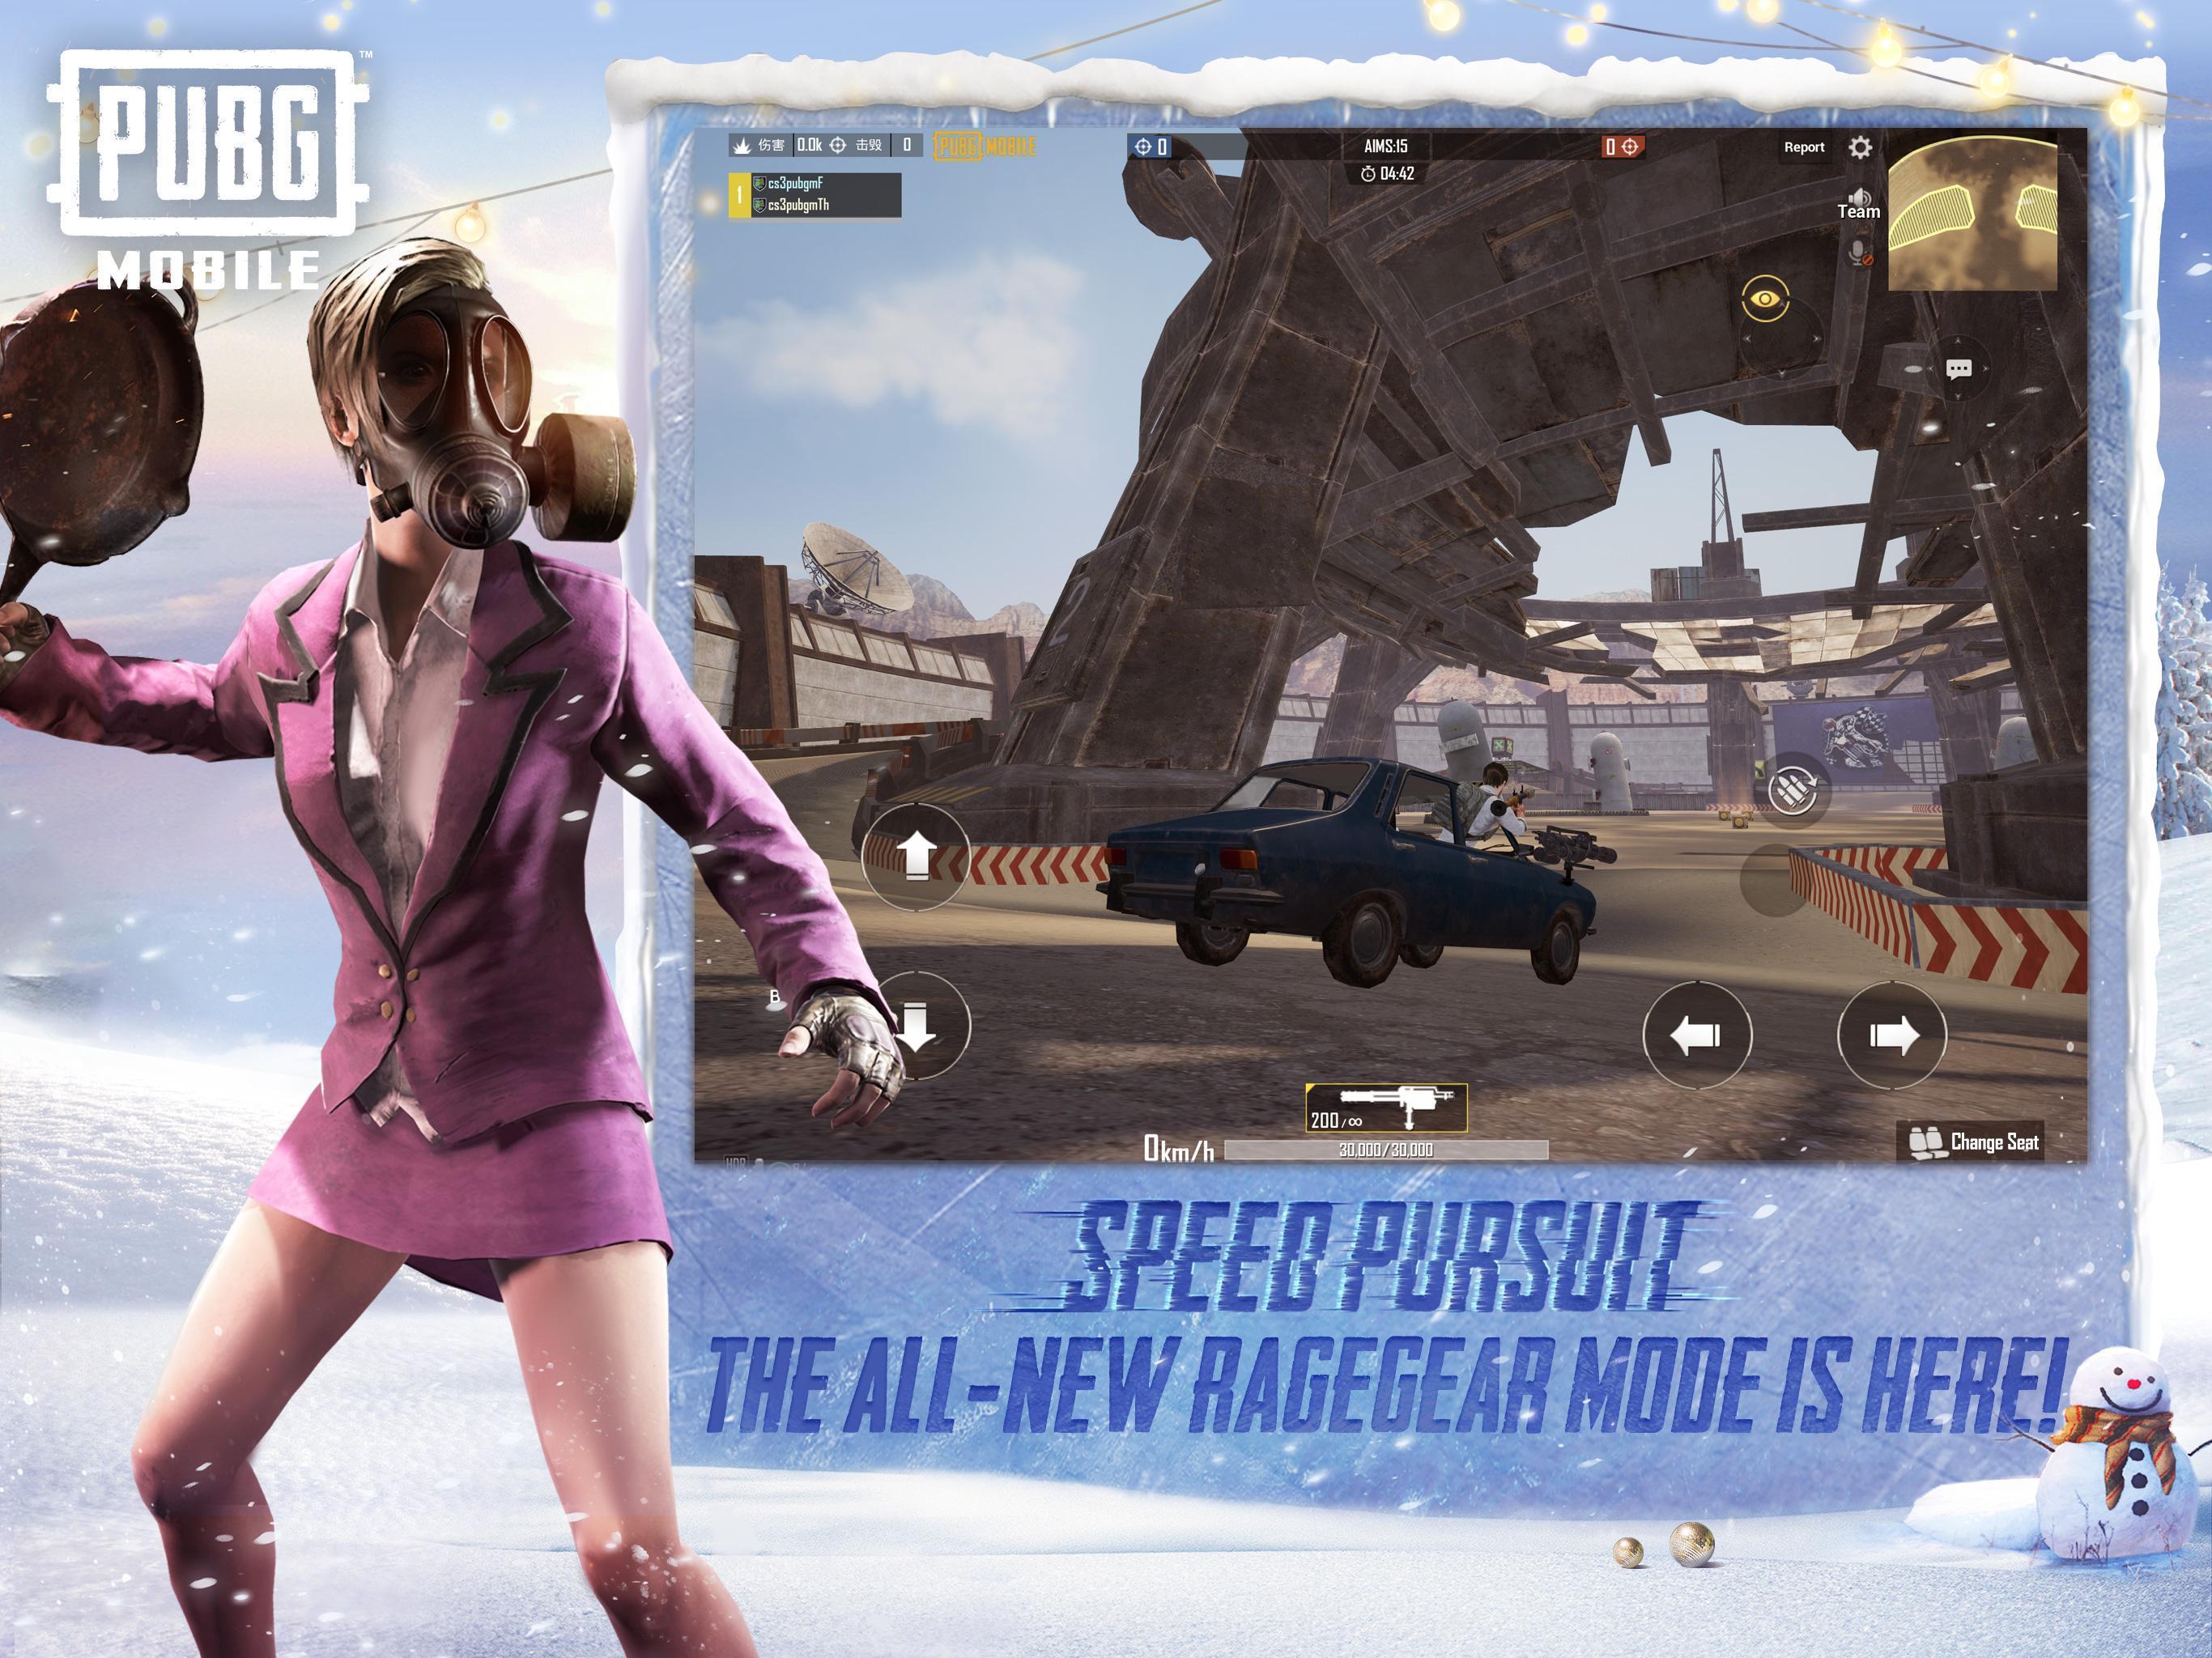 PUBG MOBILE screenshot 1